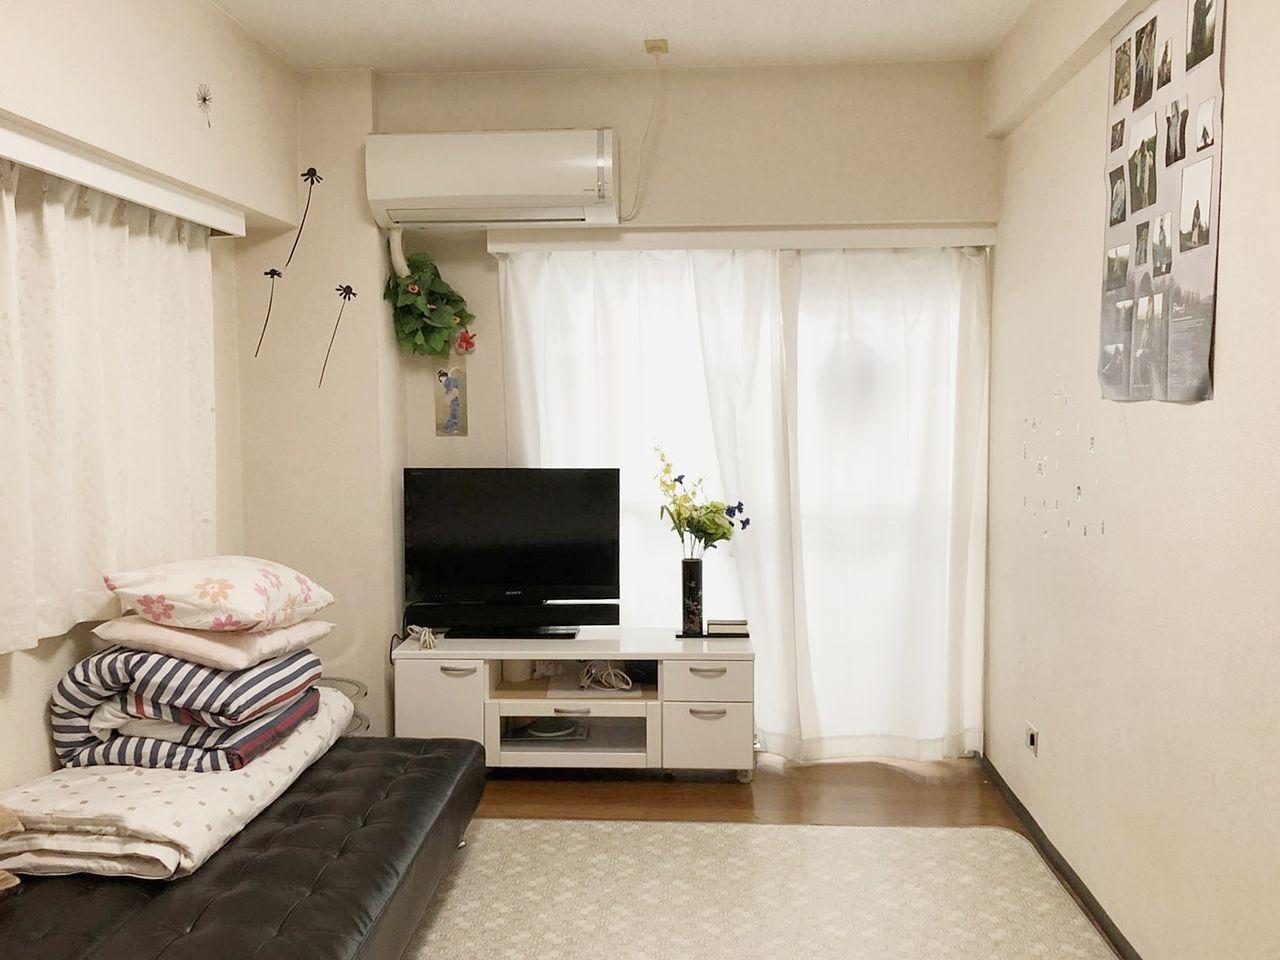 新宿駅徒歩2分でとても便利な立地です。 所有者のセカンドハウスだったので家具家電付きですぐ入居できます。SOHO利用等もご相談ください